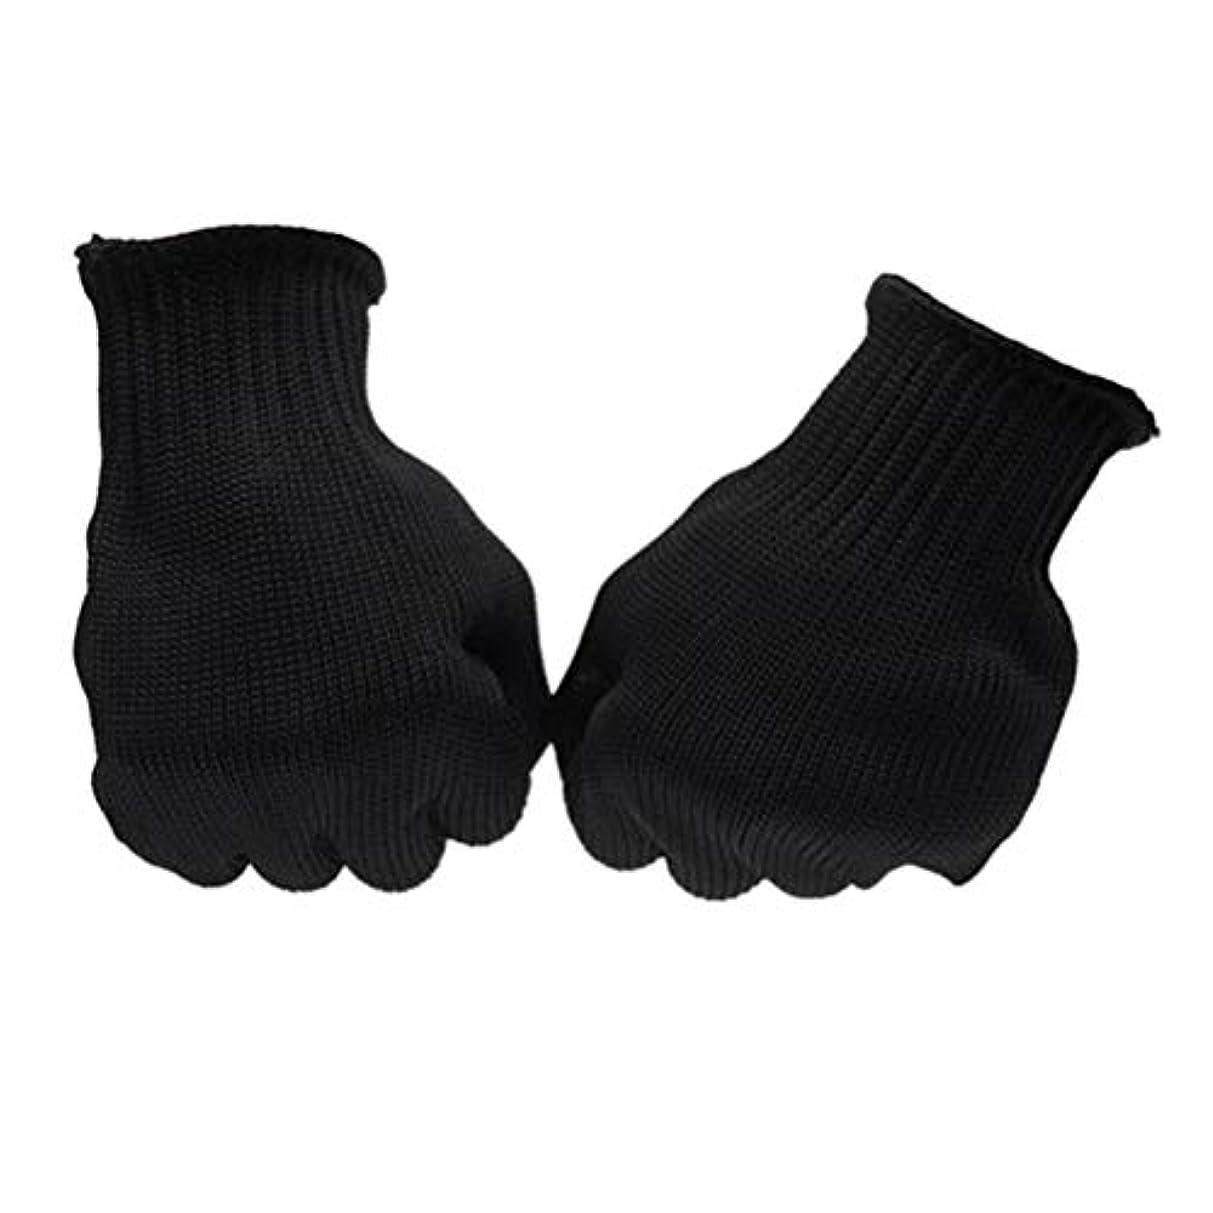 純度プロジェクター噴火FENICAL ガーデニング用敏感な作業用手袋保護用作業用手袋